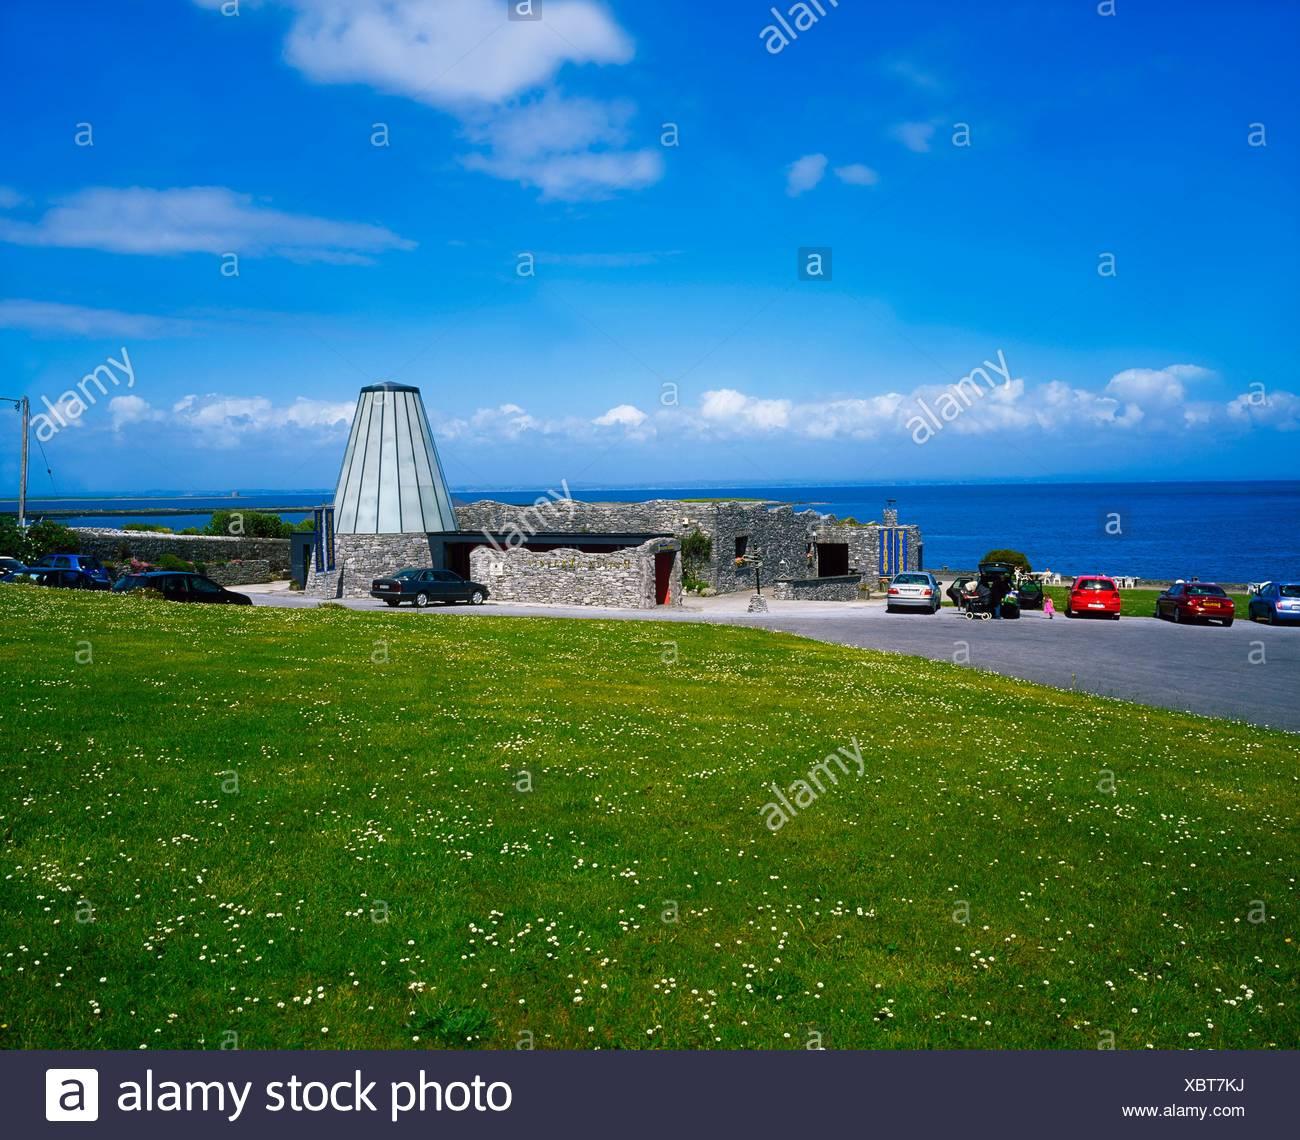 The Burren Exposure, Ballyvaughan, The Burren, Co Clare, Ireland - Stock Image